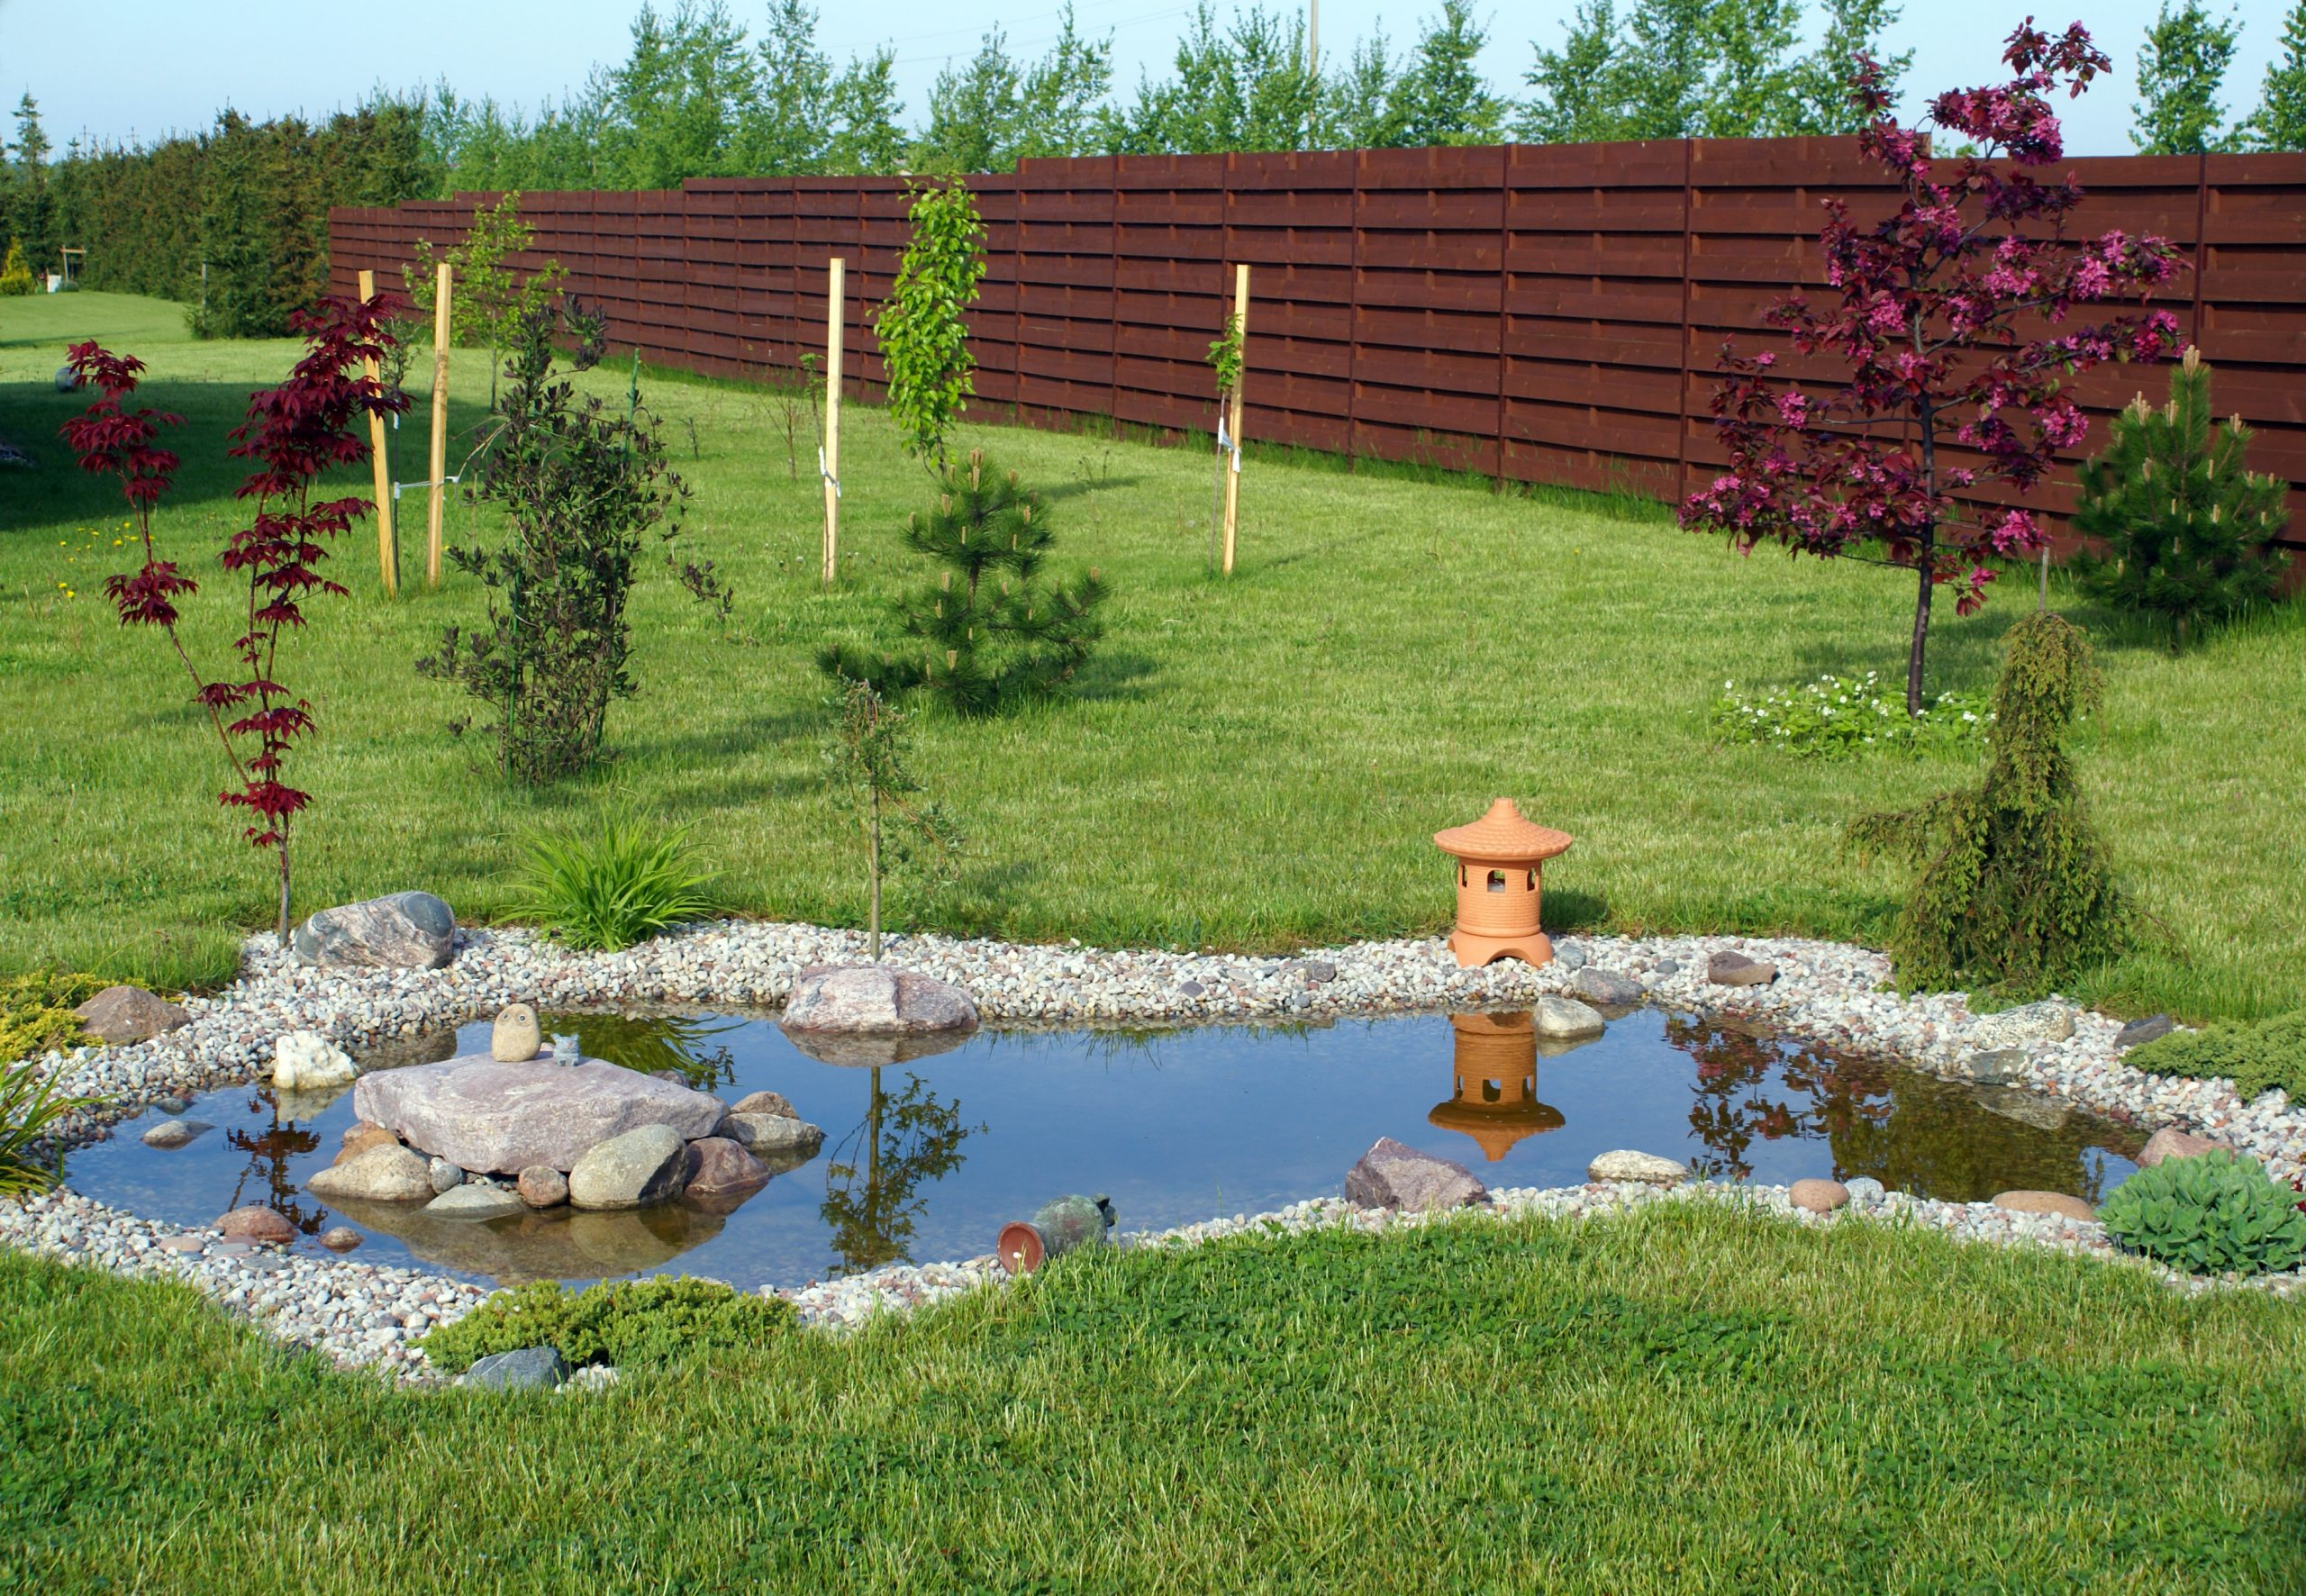 Le Prix D'un Bassin De Jardin destiné Accessoires Pour Bassin De Jardin